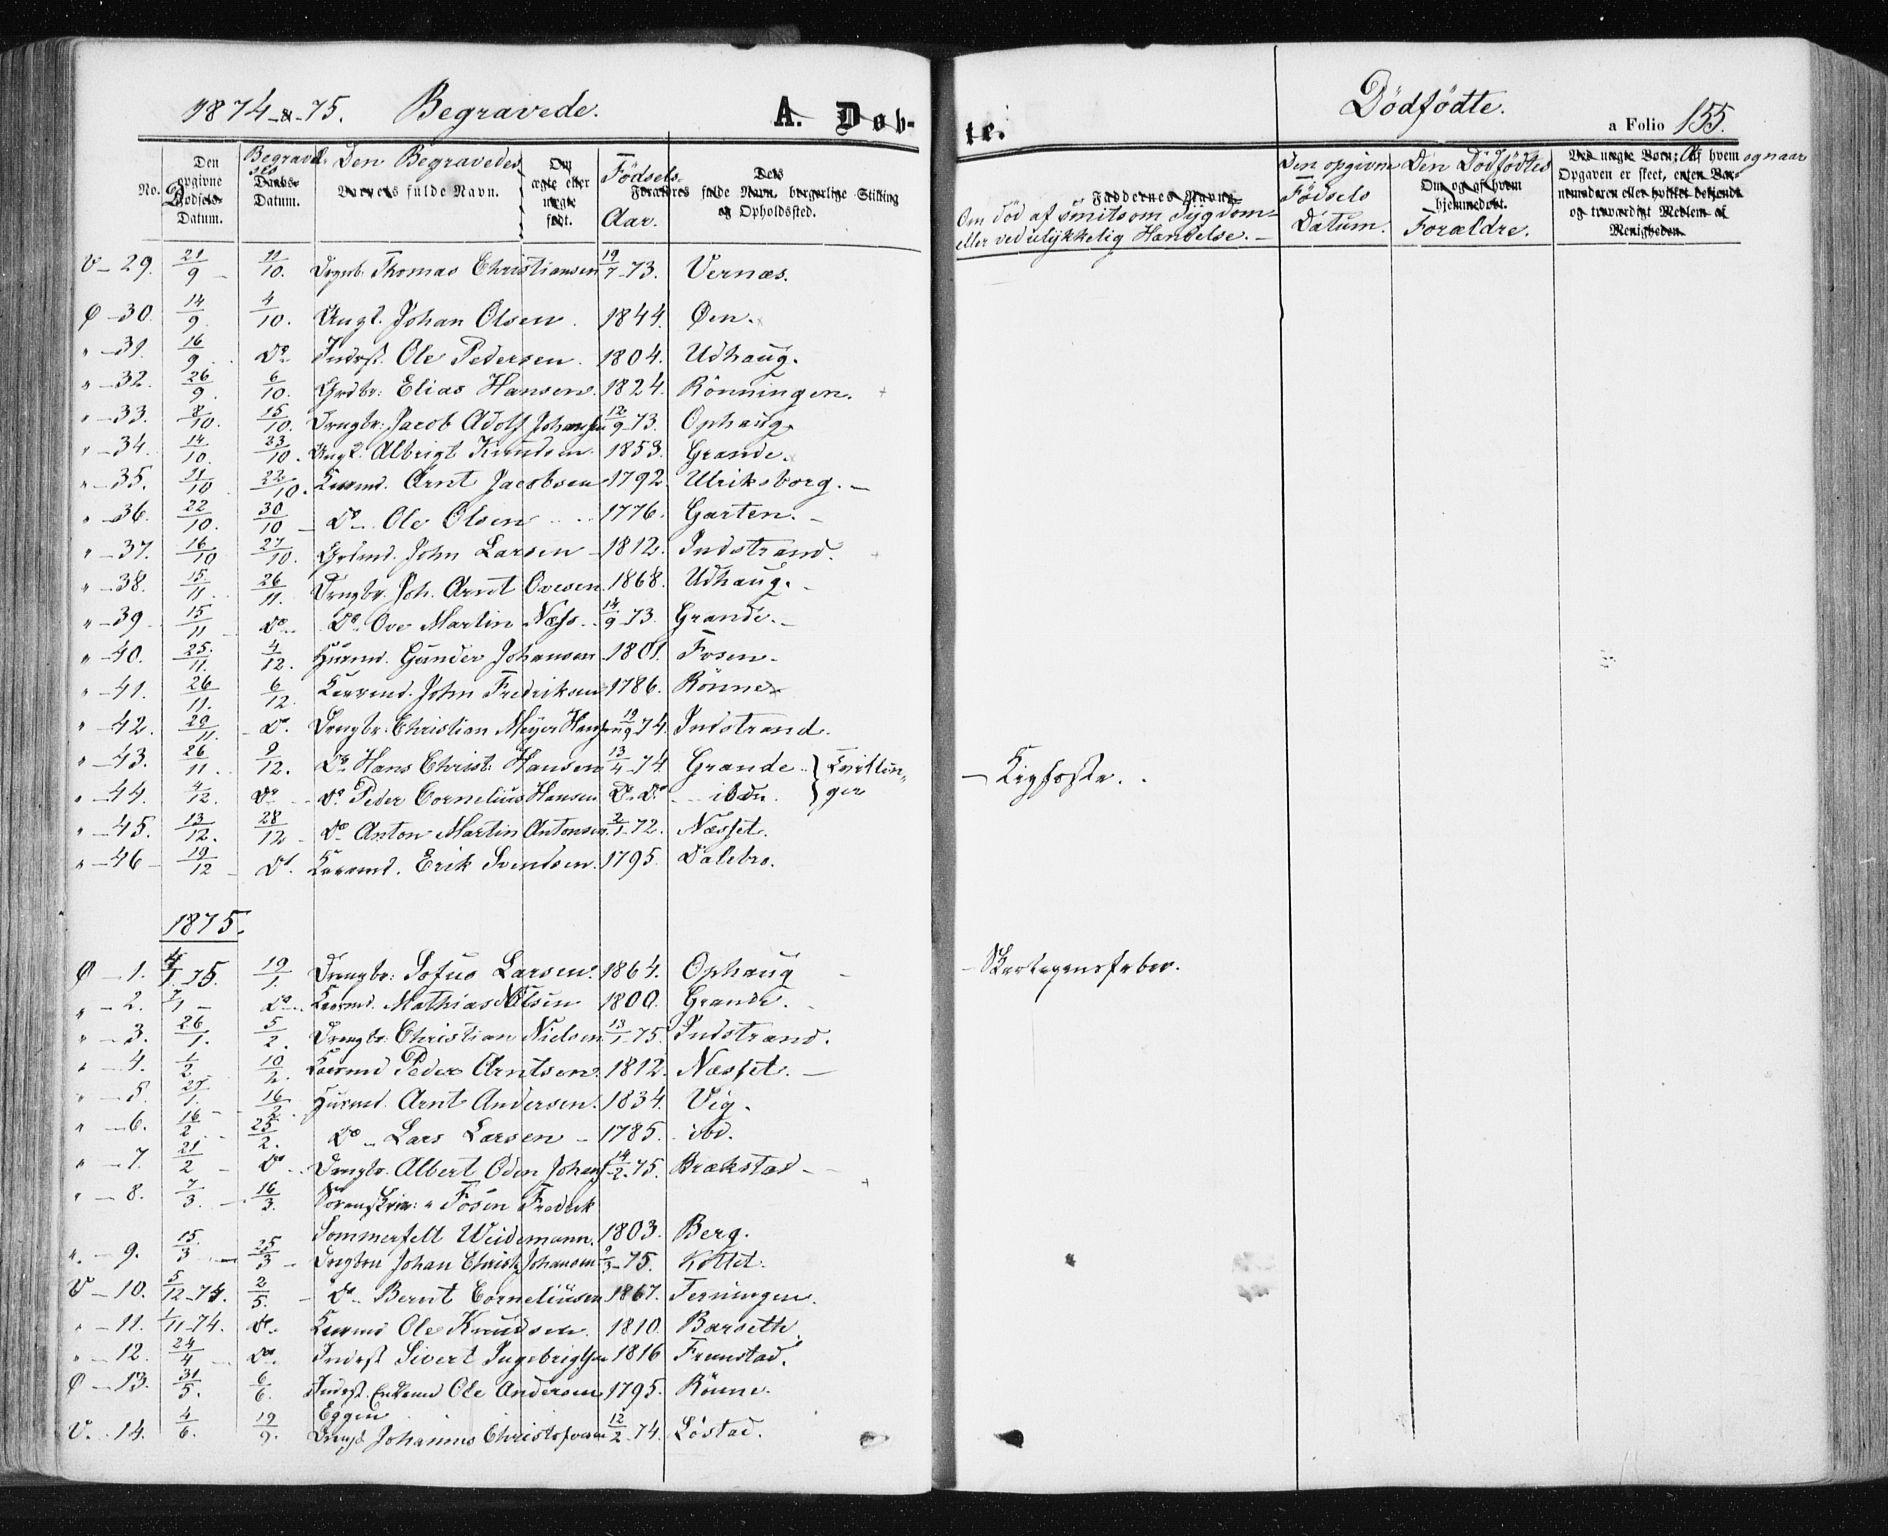 SAT, Ministerialprotokoller, klokkerbøker og fødselsregistre - Sør-Trøndelag, 659/L0737: Ministerialbok nr. 659A07, 1857-1875, s. 155